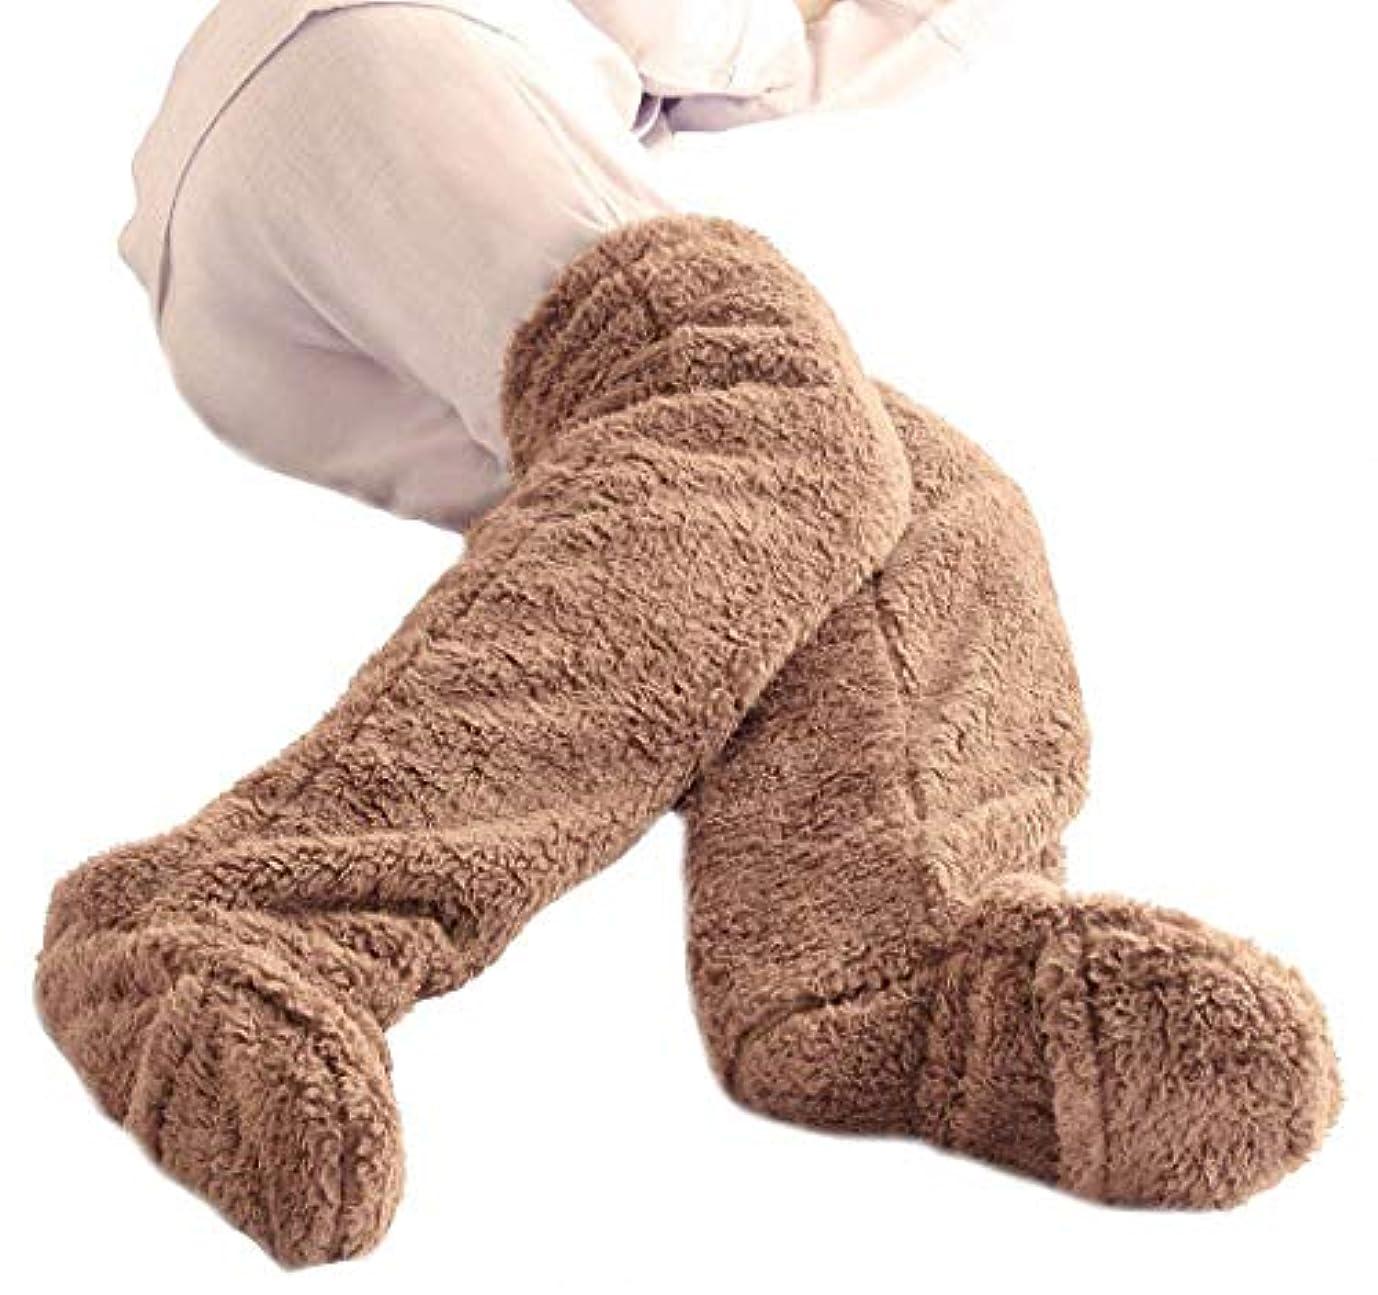 常習者宙返りにおいフリース生地 室内履き 足が出せるロングカバー 軽量ヒートソックス 歩ける ロングカバー 極暖 ルームソックスルームシューズ